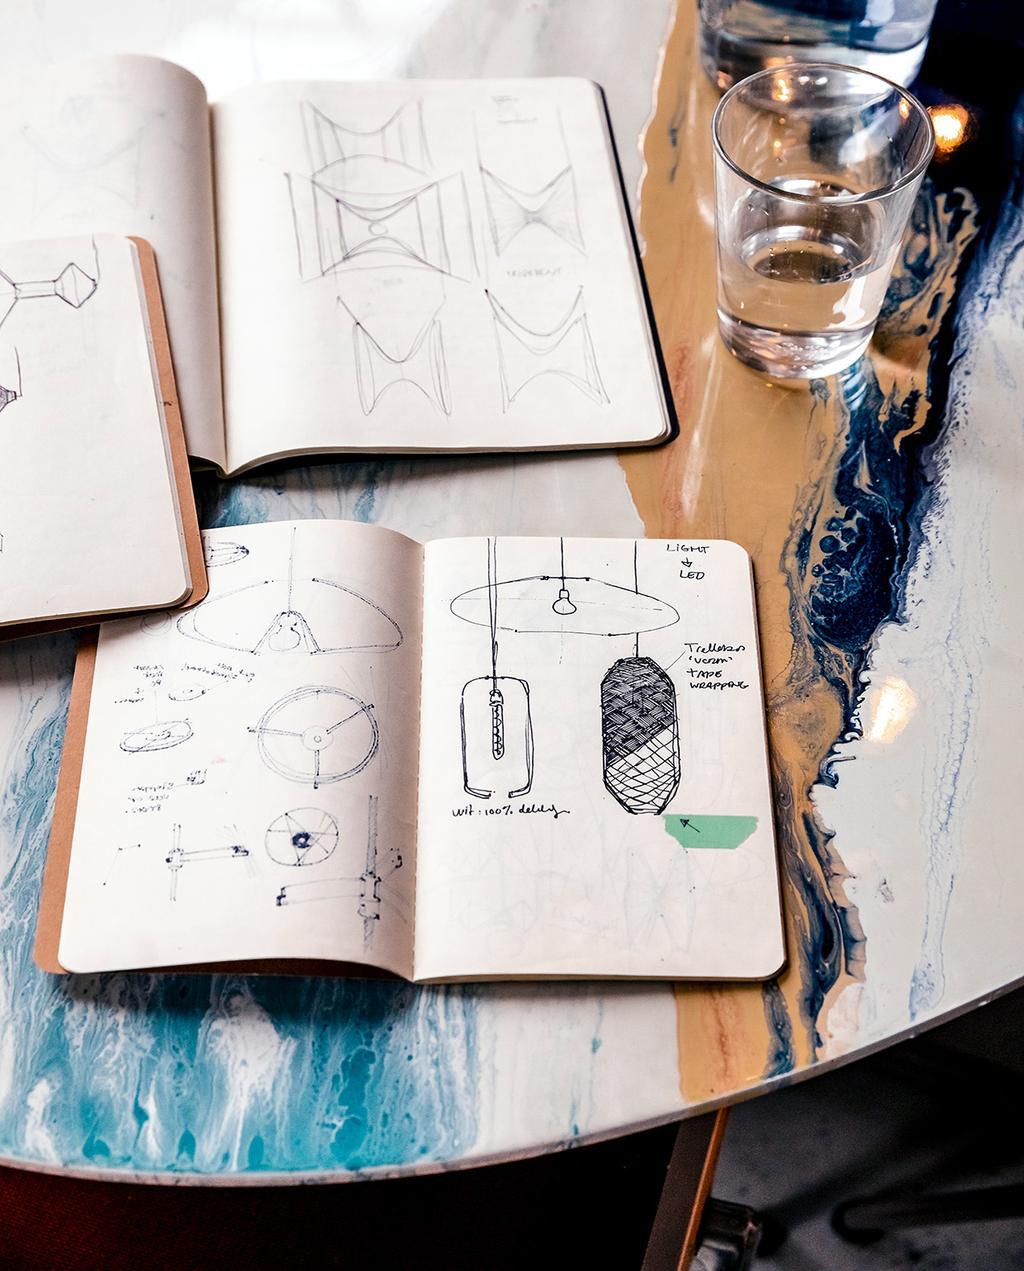 vtwonen 01-2021   schetsboek met tekeningen van lamp